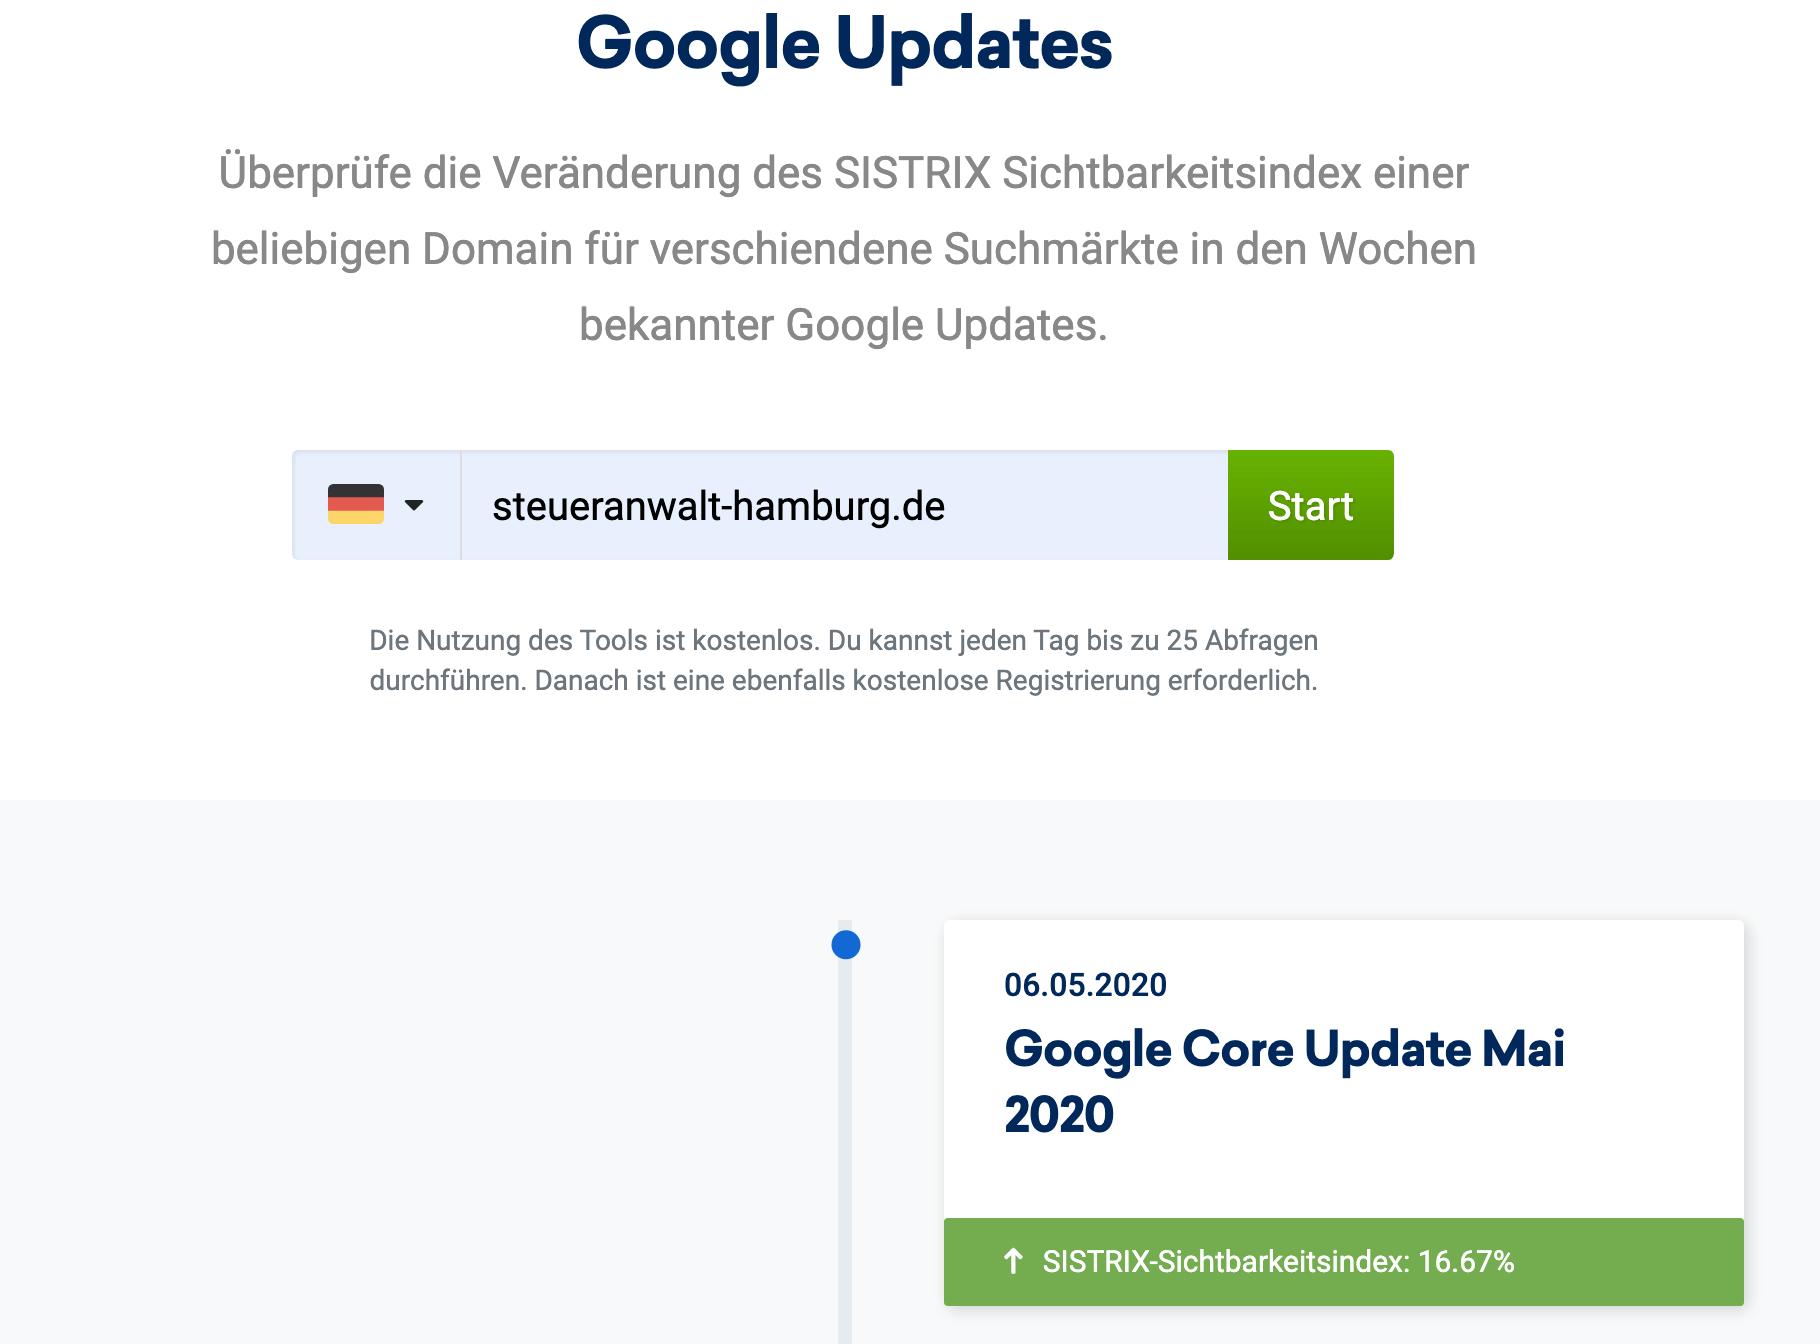 Check der Google Updates von Sistrix